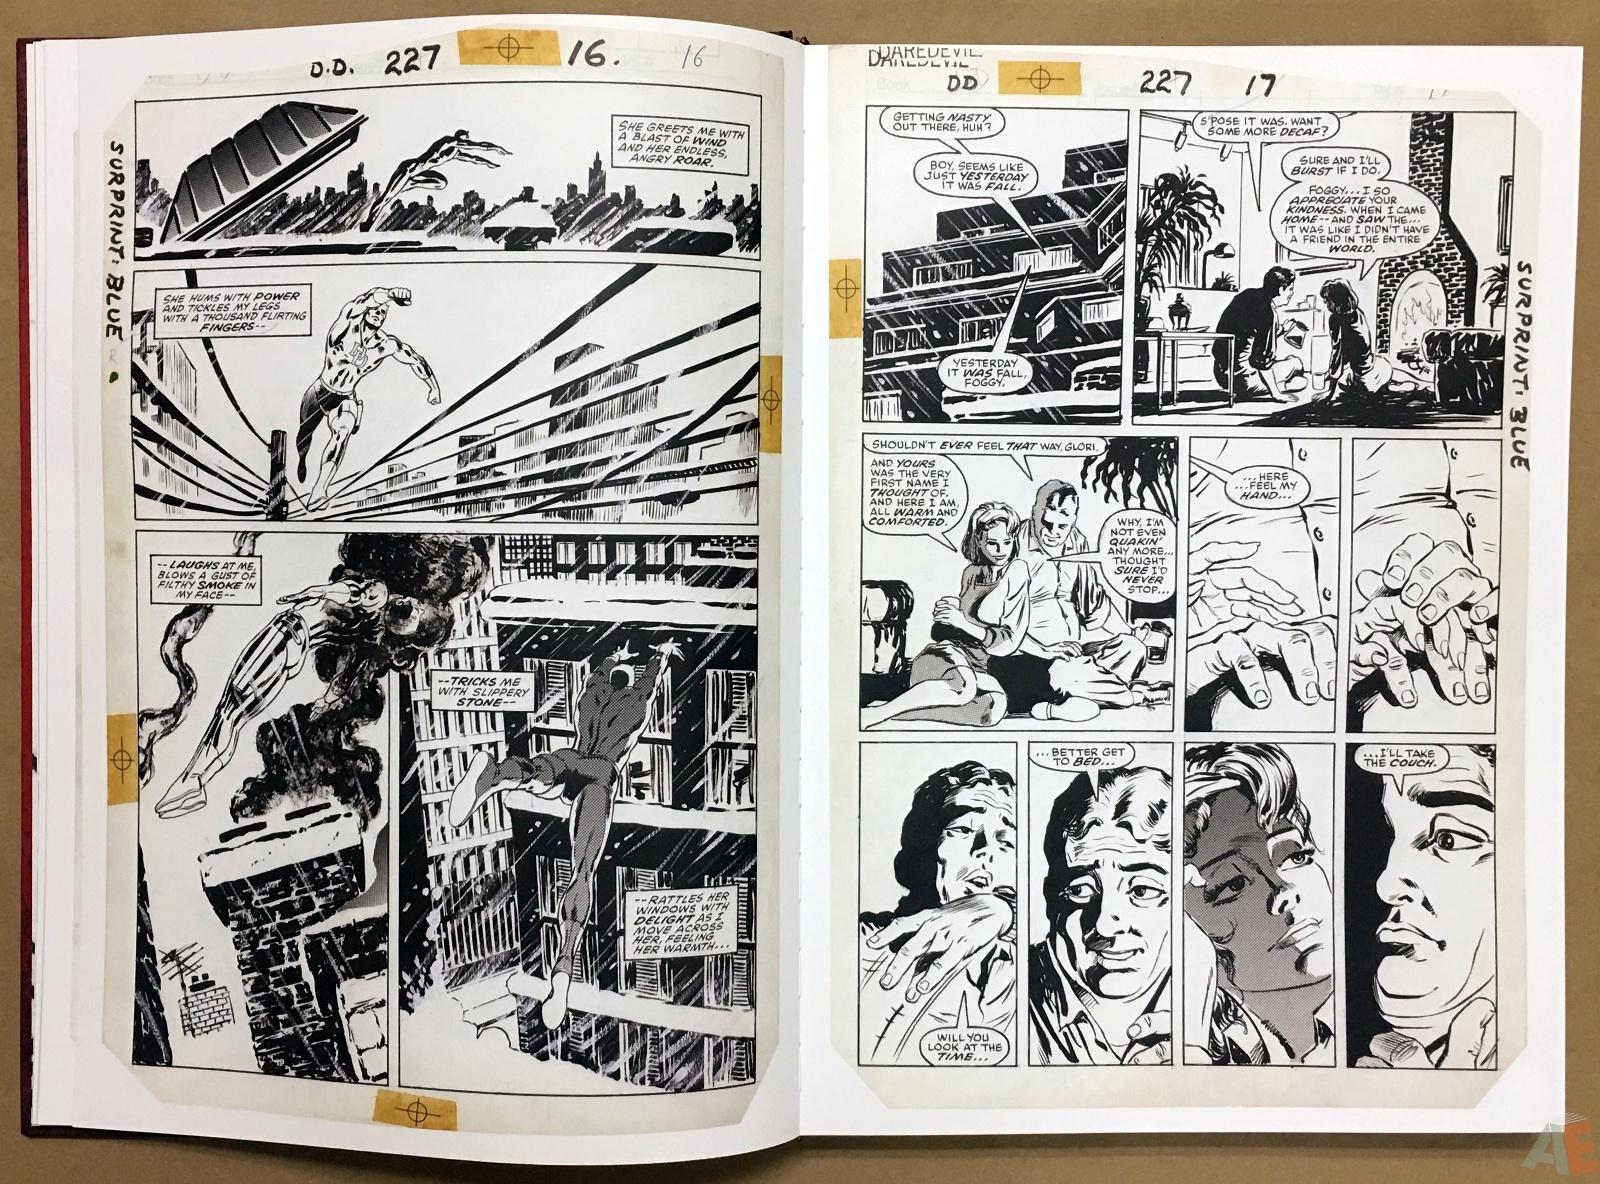 David Mazzucchelli's Daredevil Born Again: Artist's Edition 10